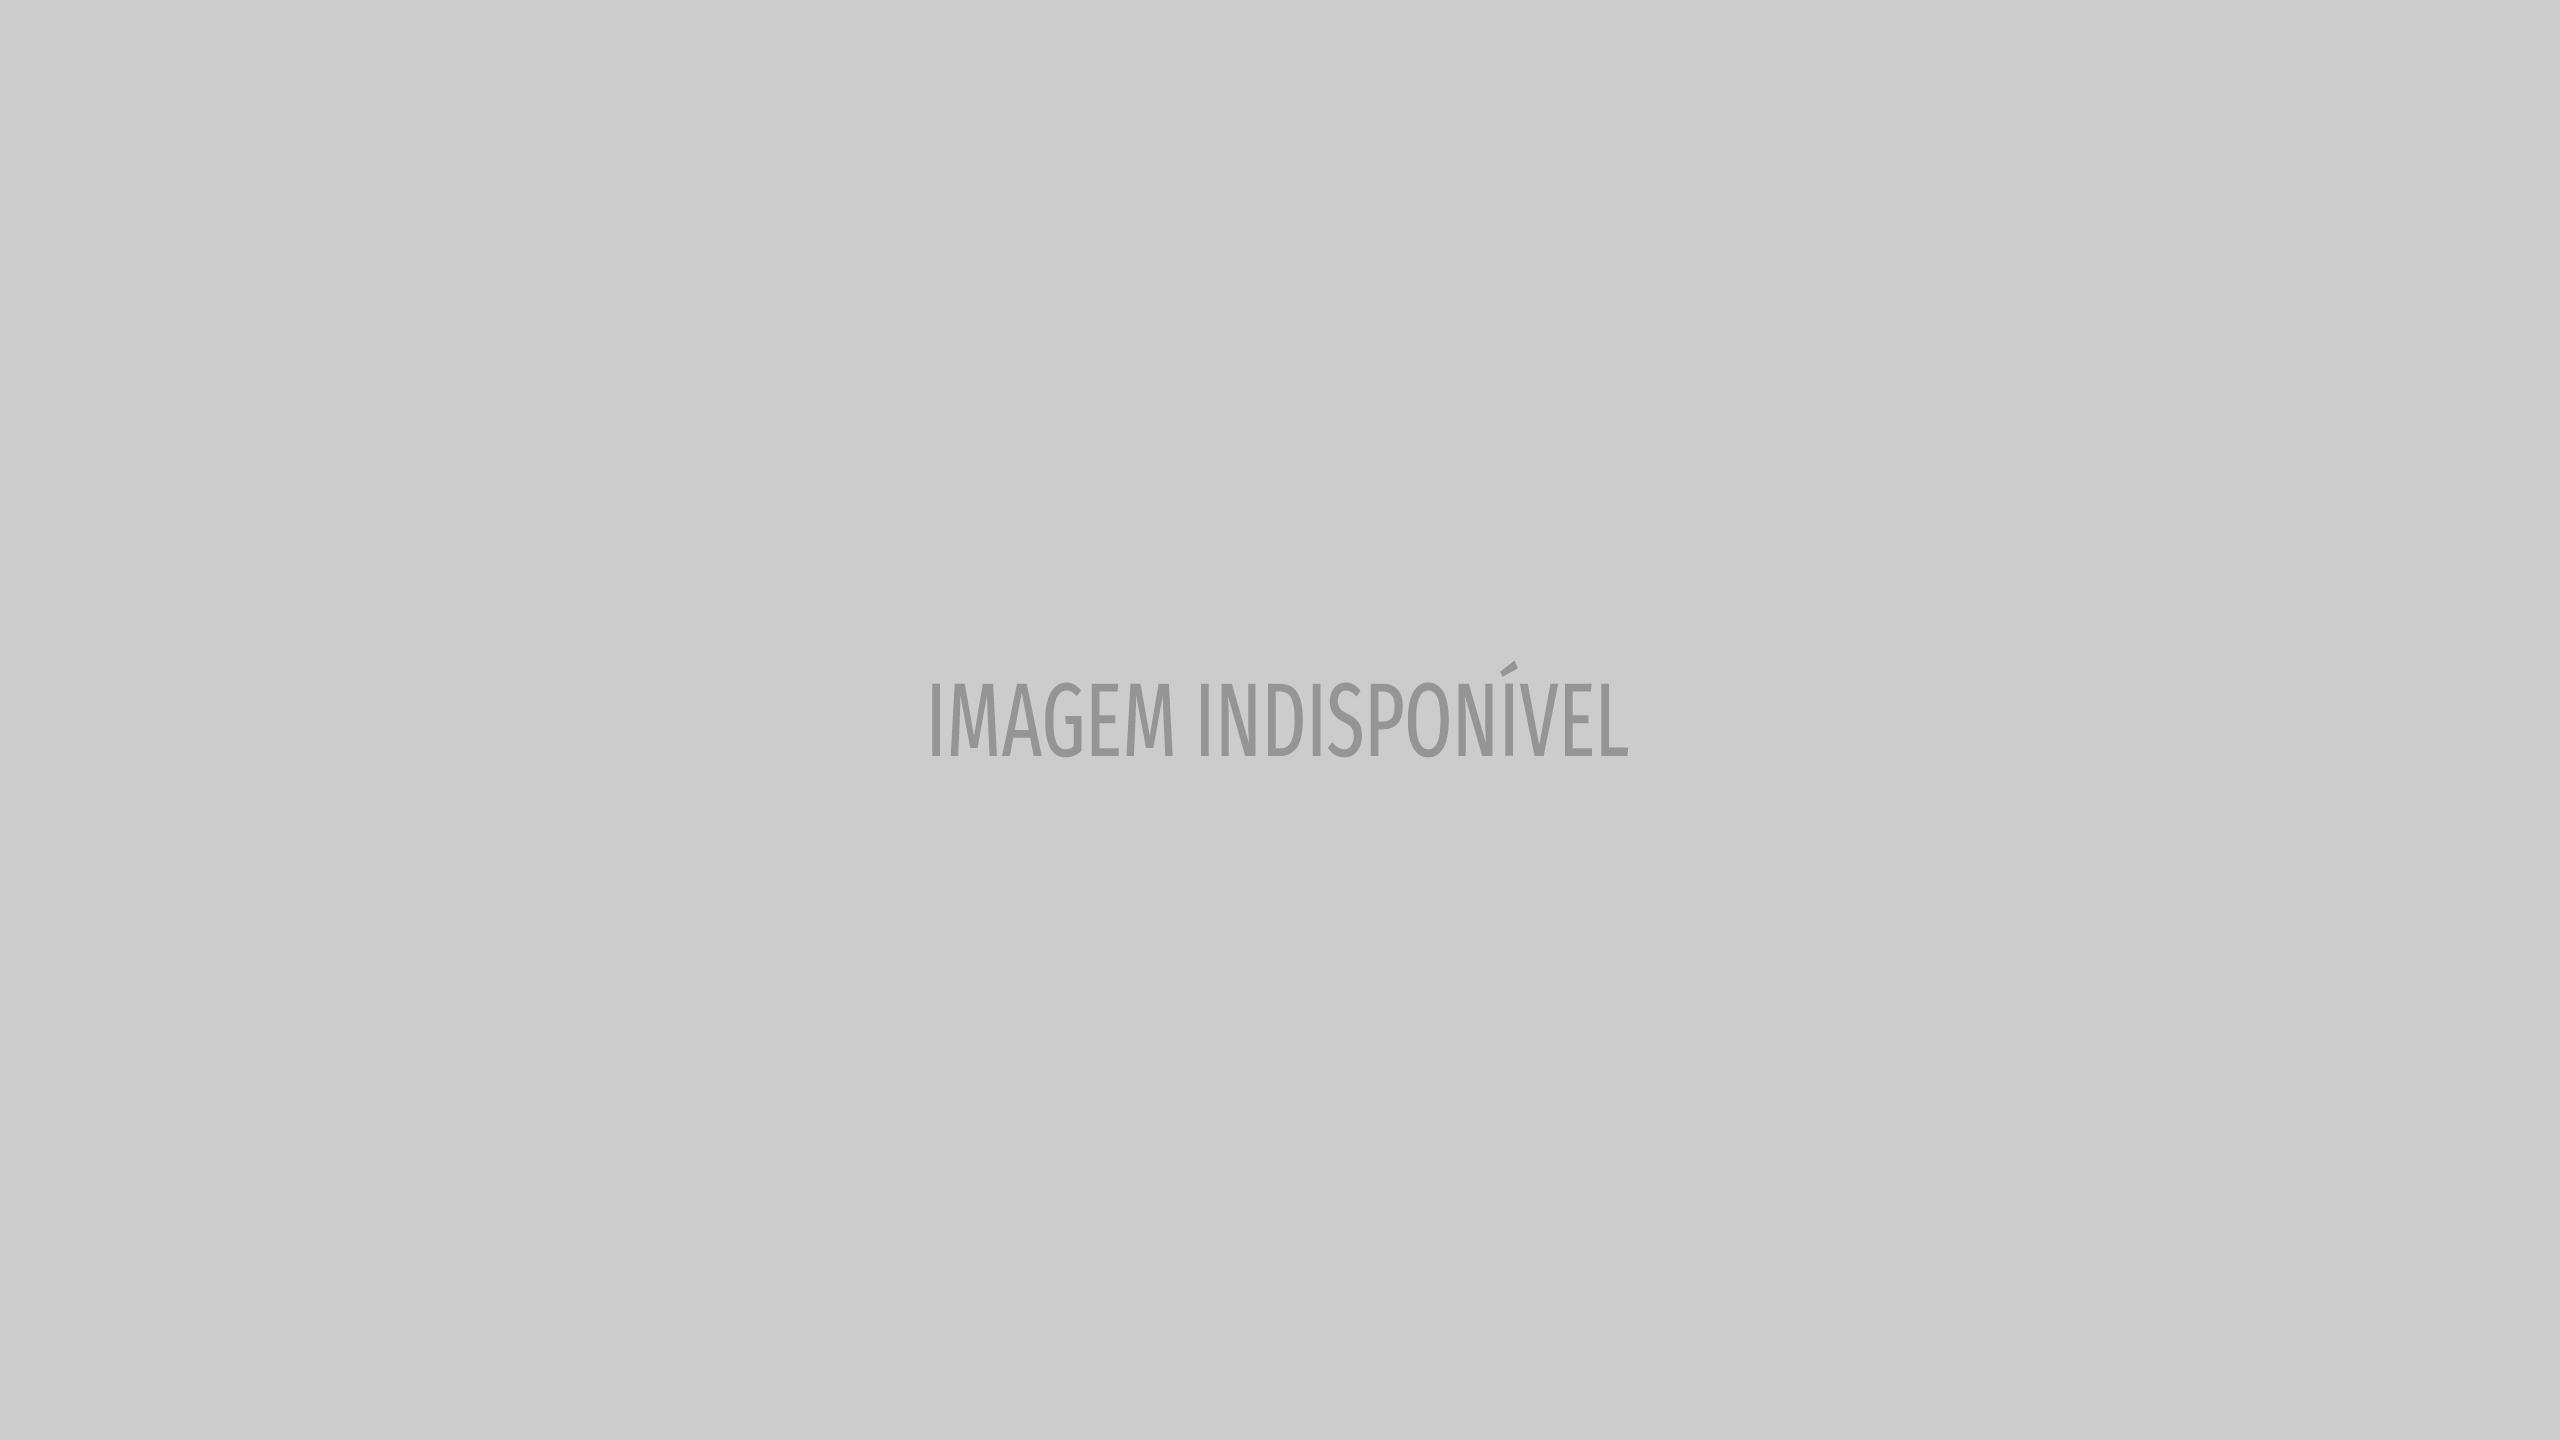 Neymar troca mensagens com modelo e faz elogio